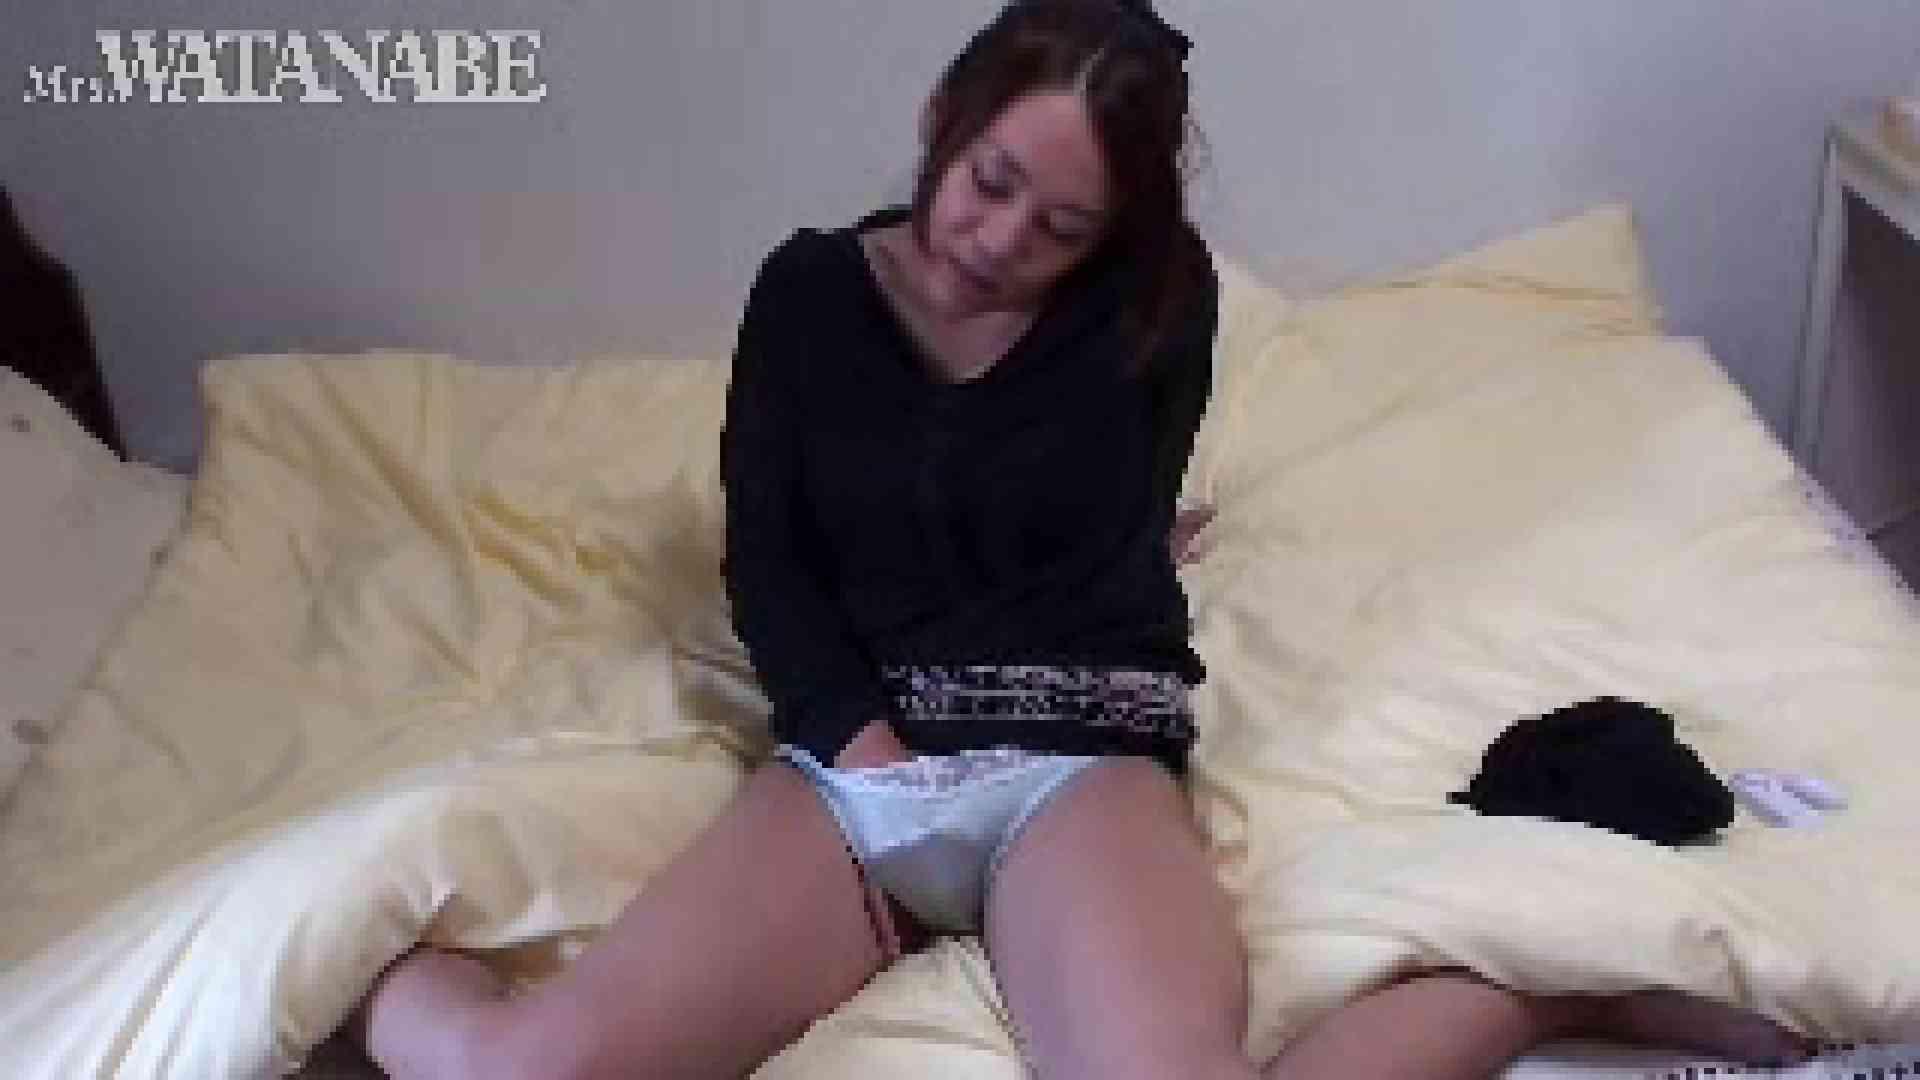 SNSで出会った人妻をハメ撮りしちゃいます 2回目 前編 投稿 | 人妻エロ映像  105pic 103